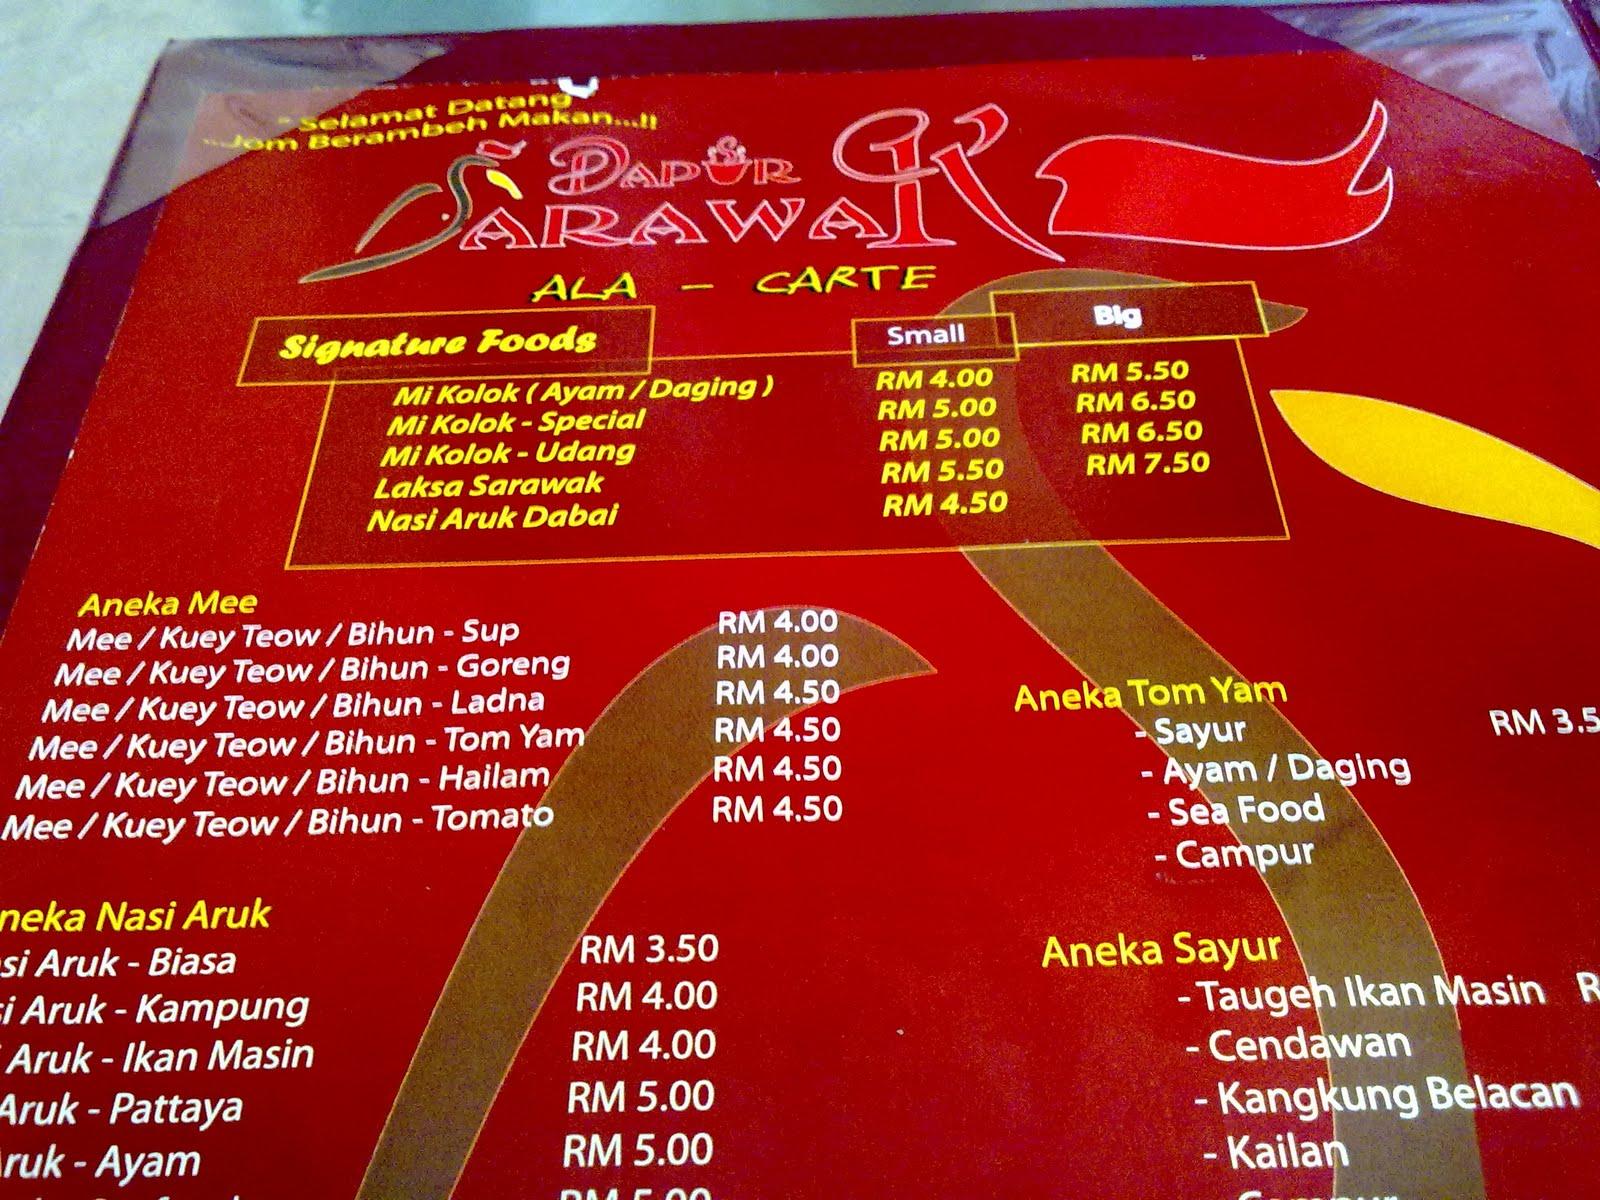 All About You Me Dapur Sarawak